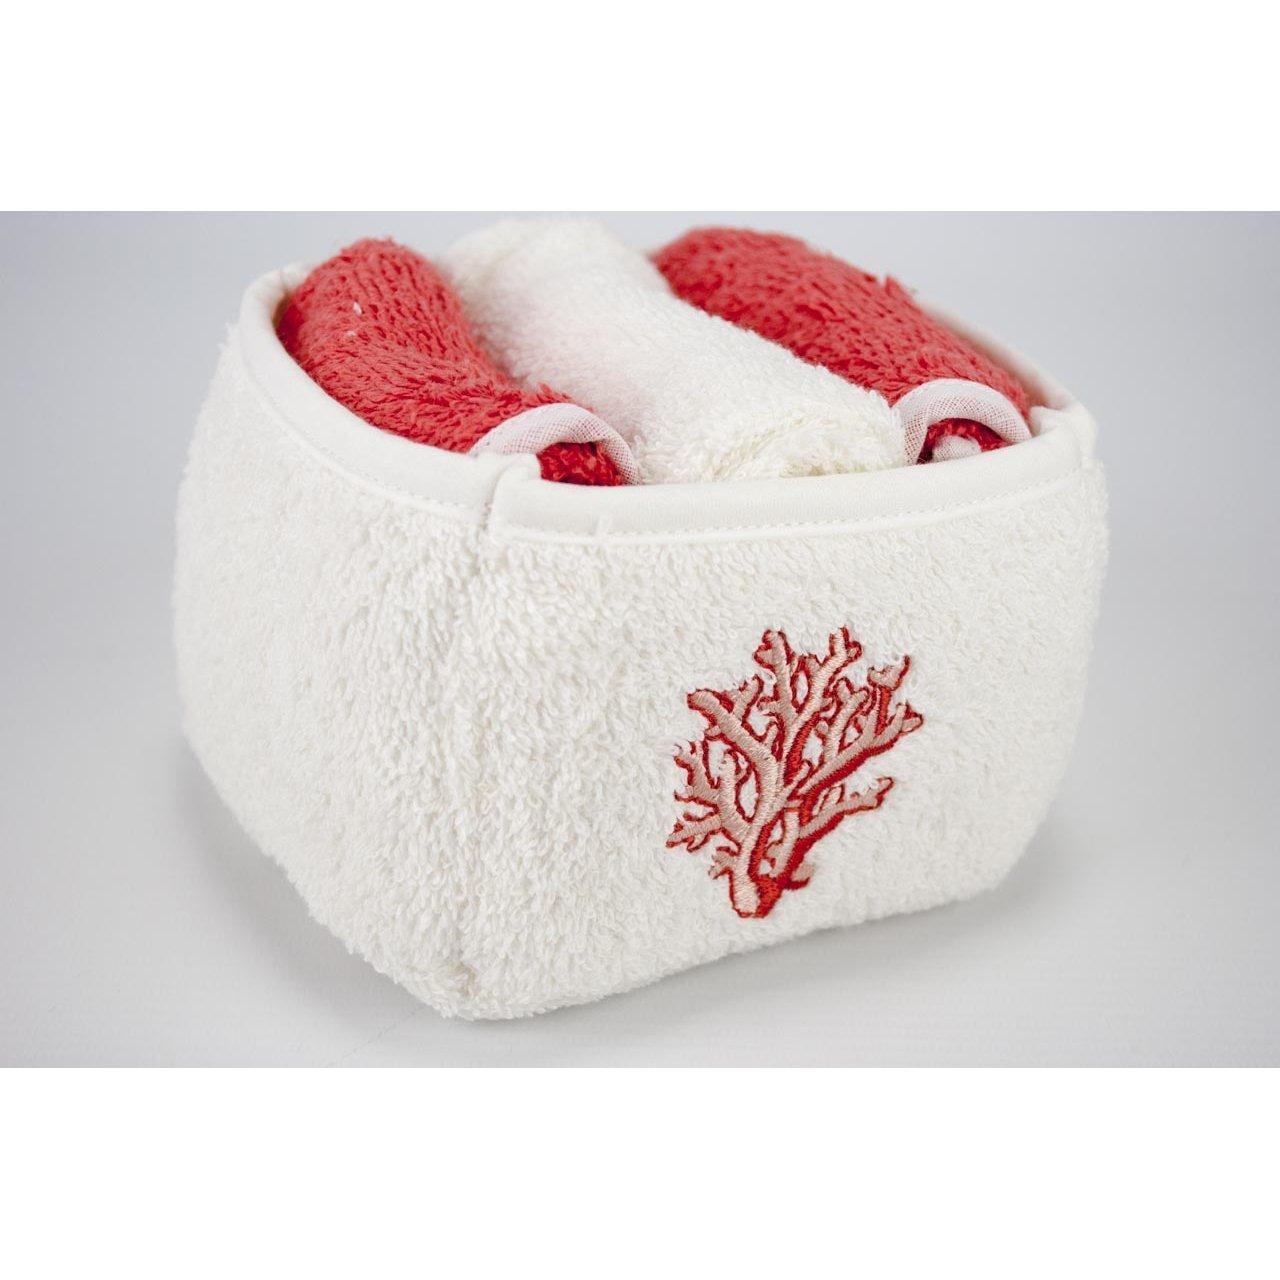 Cesta con 3 toallas con bordado de coral rojo, de tamaño pequeño, para invitados: Amazon.es: Hogar